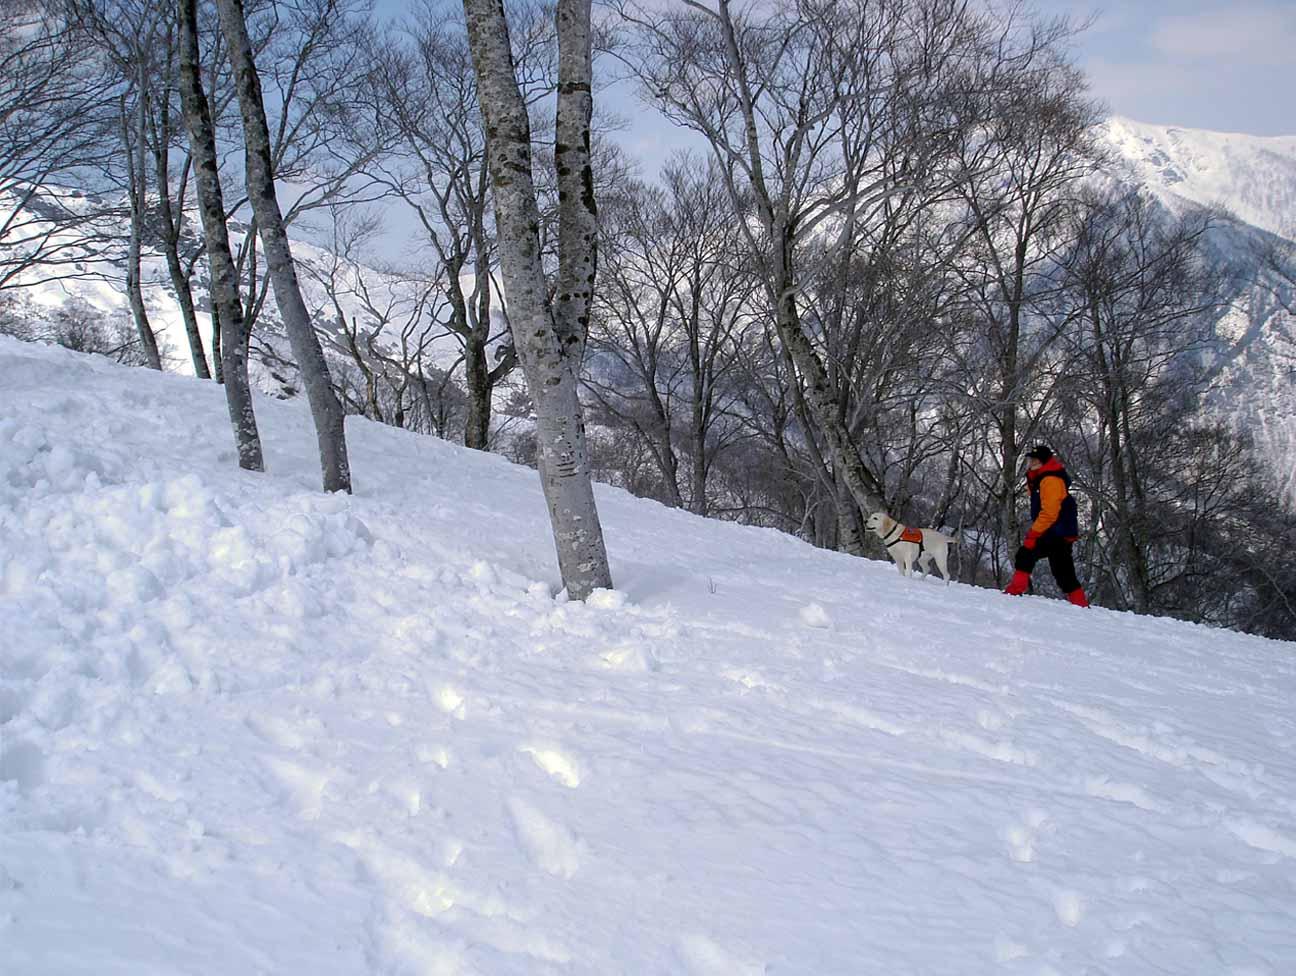 雪中訓練Ⅱ(29) LTK捜索